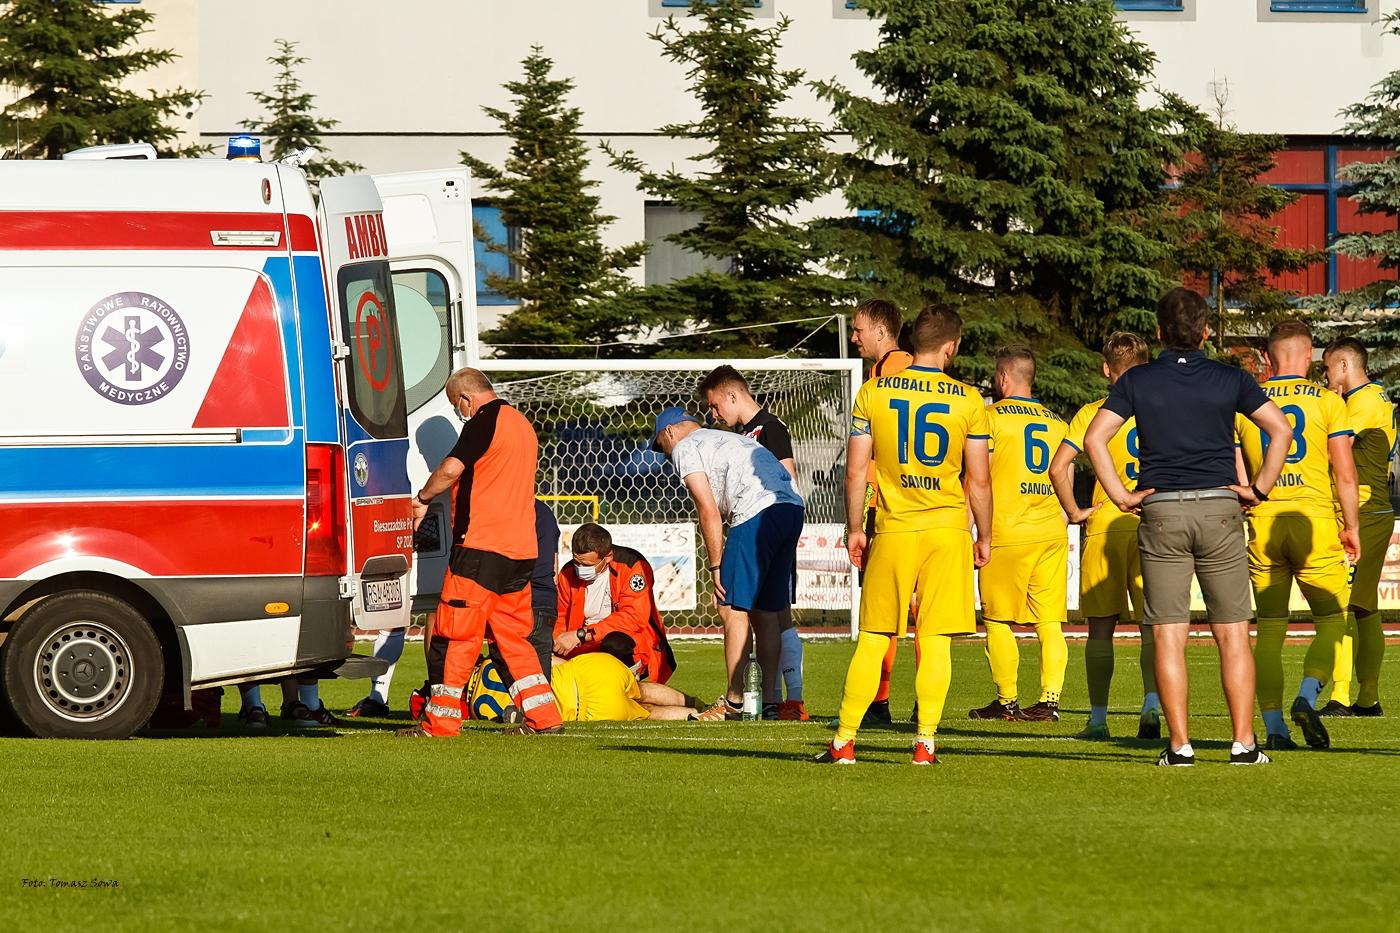 Chwile grozy na meczu Ekoball Stali Sanok. Jeden z piłkarzy stracił przytomność! [ZDJĘCIA] - Zdjęcie główne